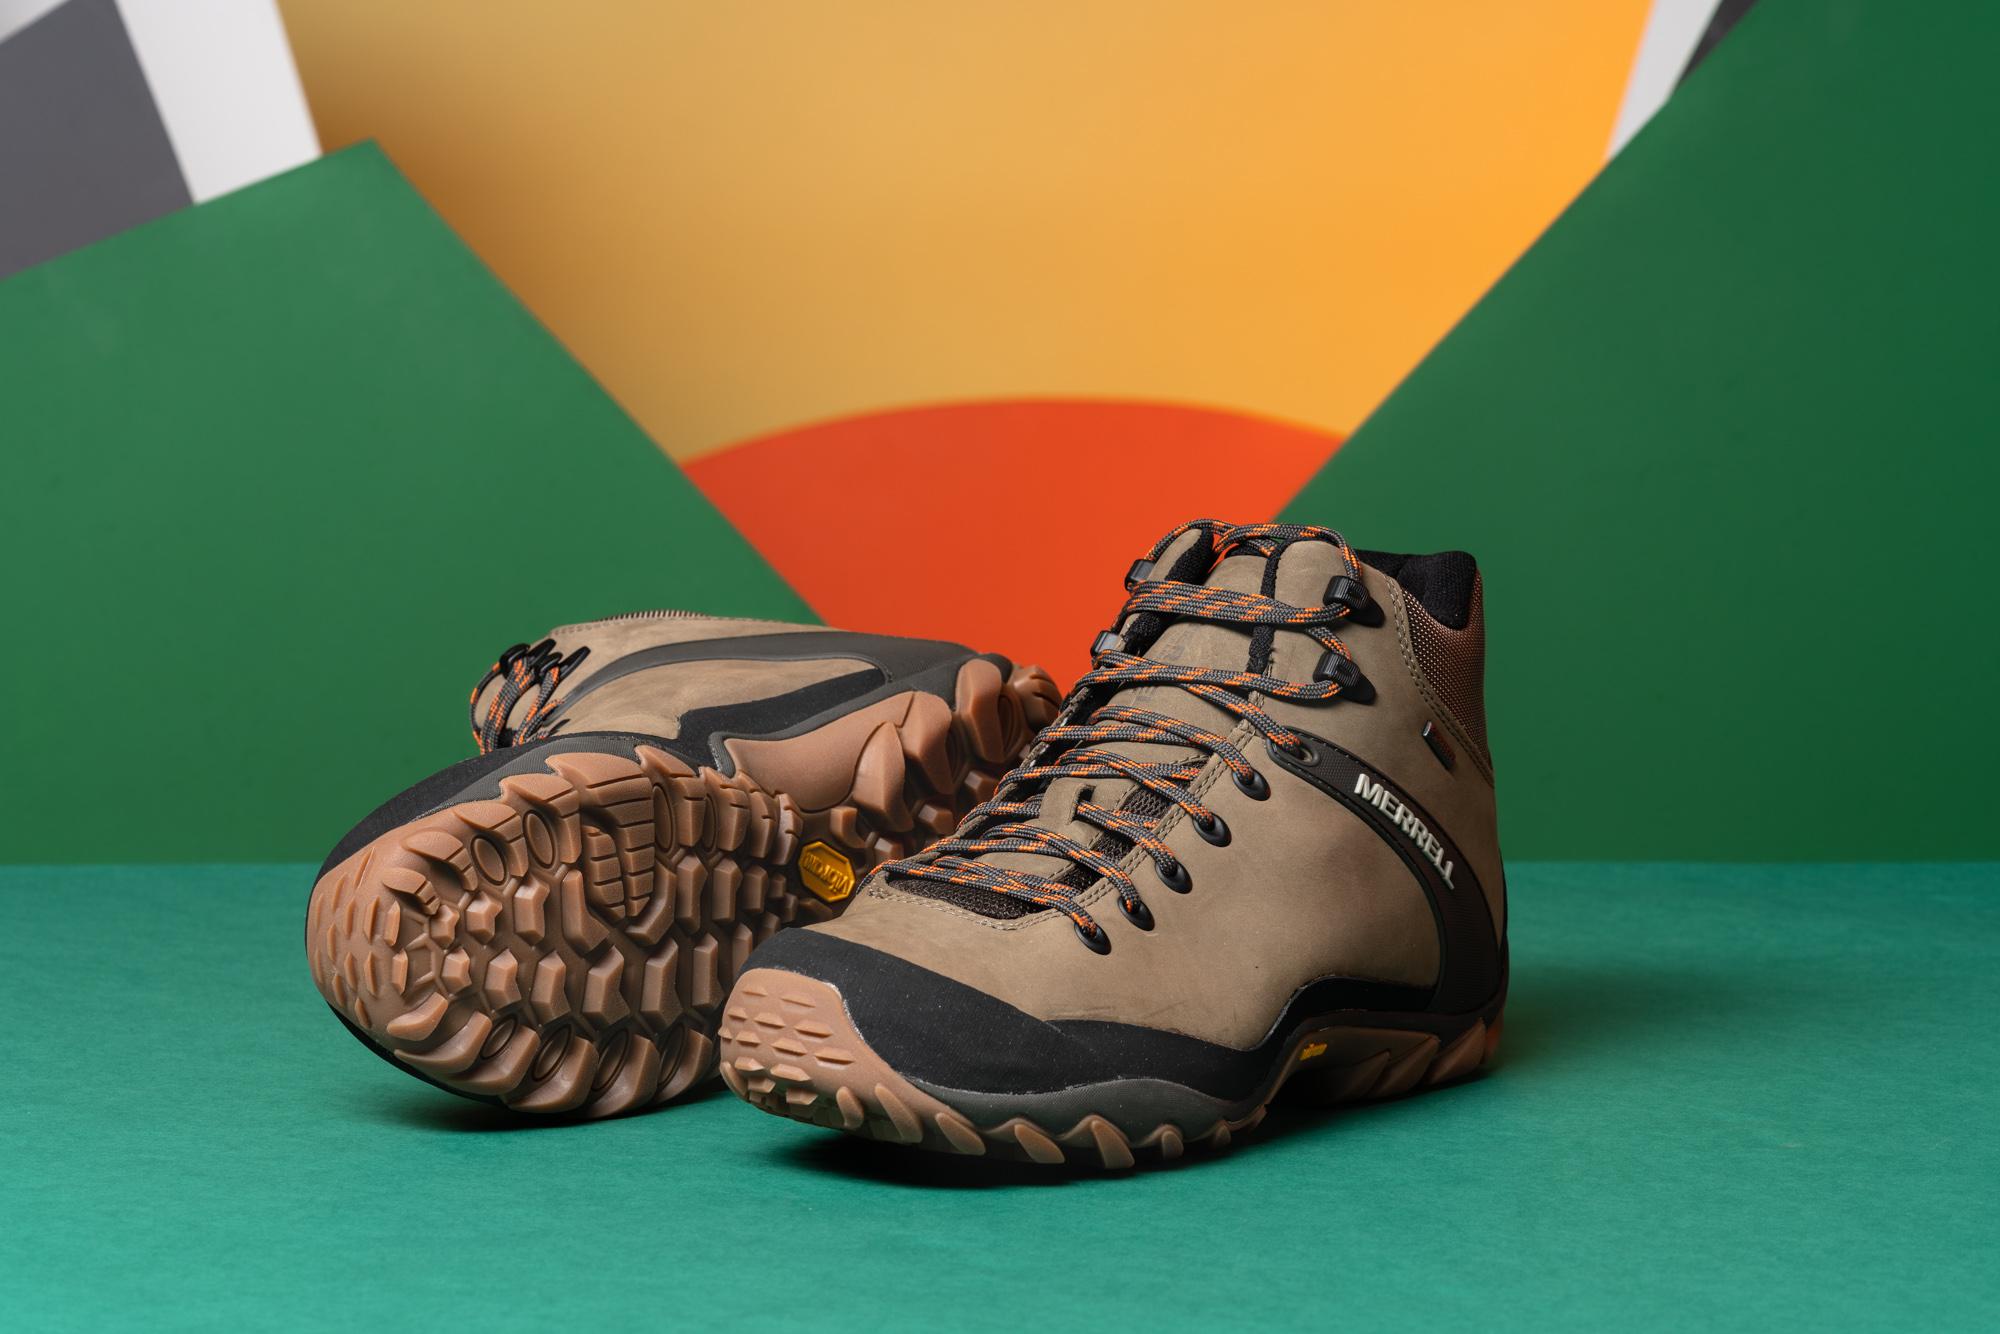 Merrell Chameleon 8 Walking Boot